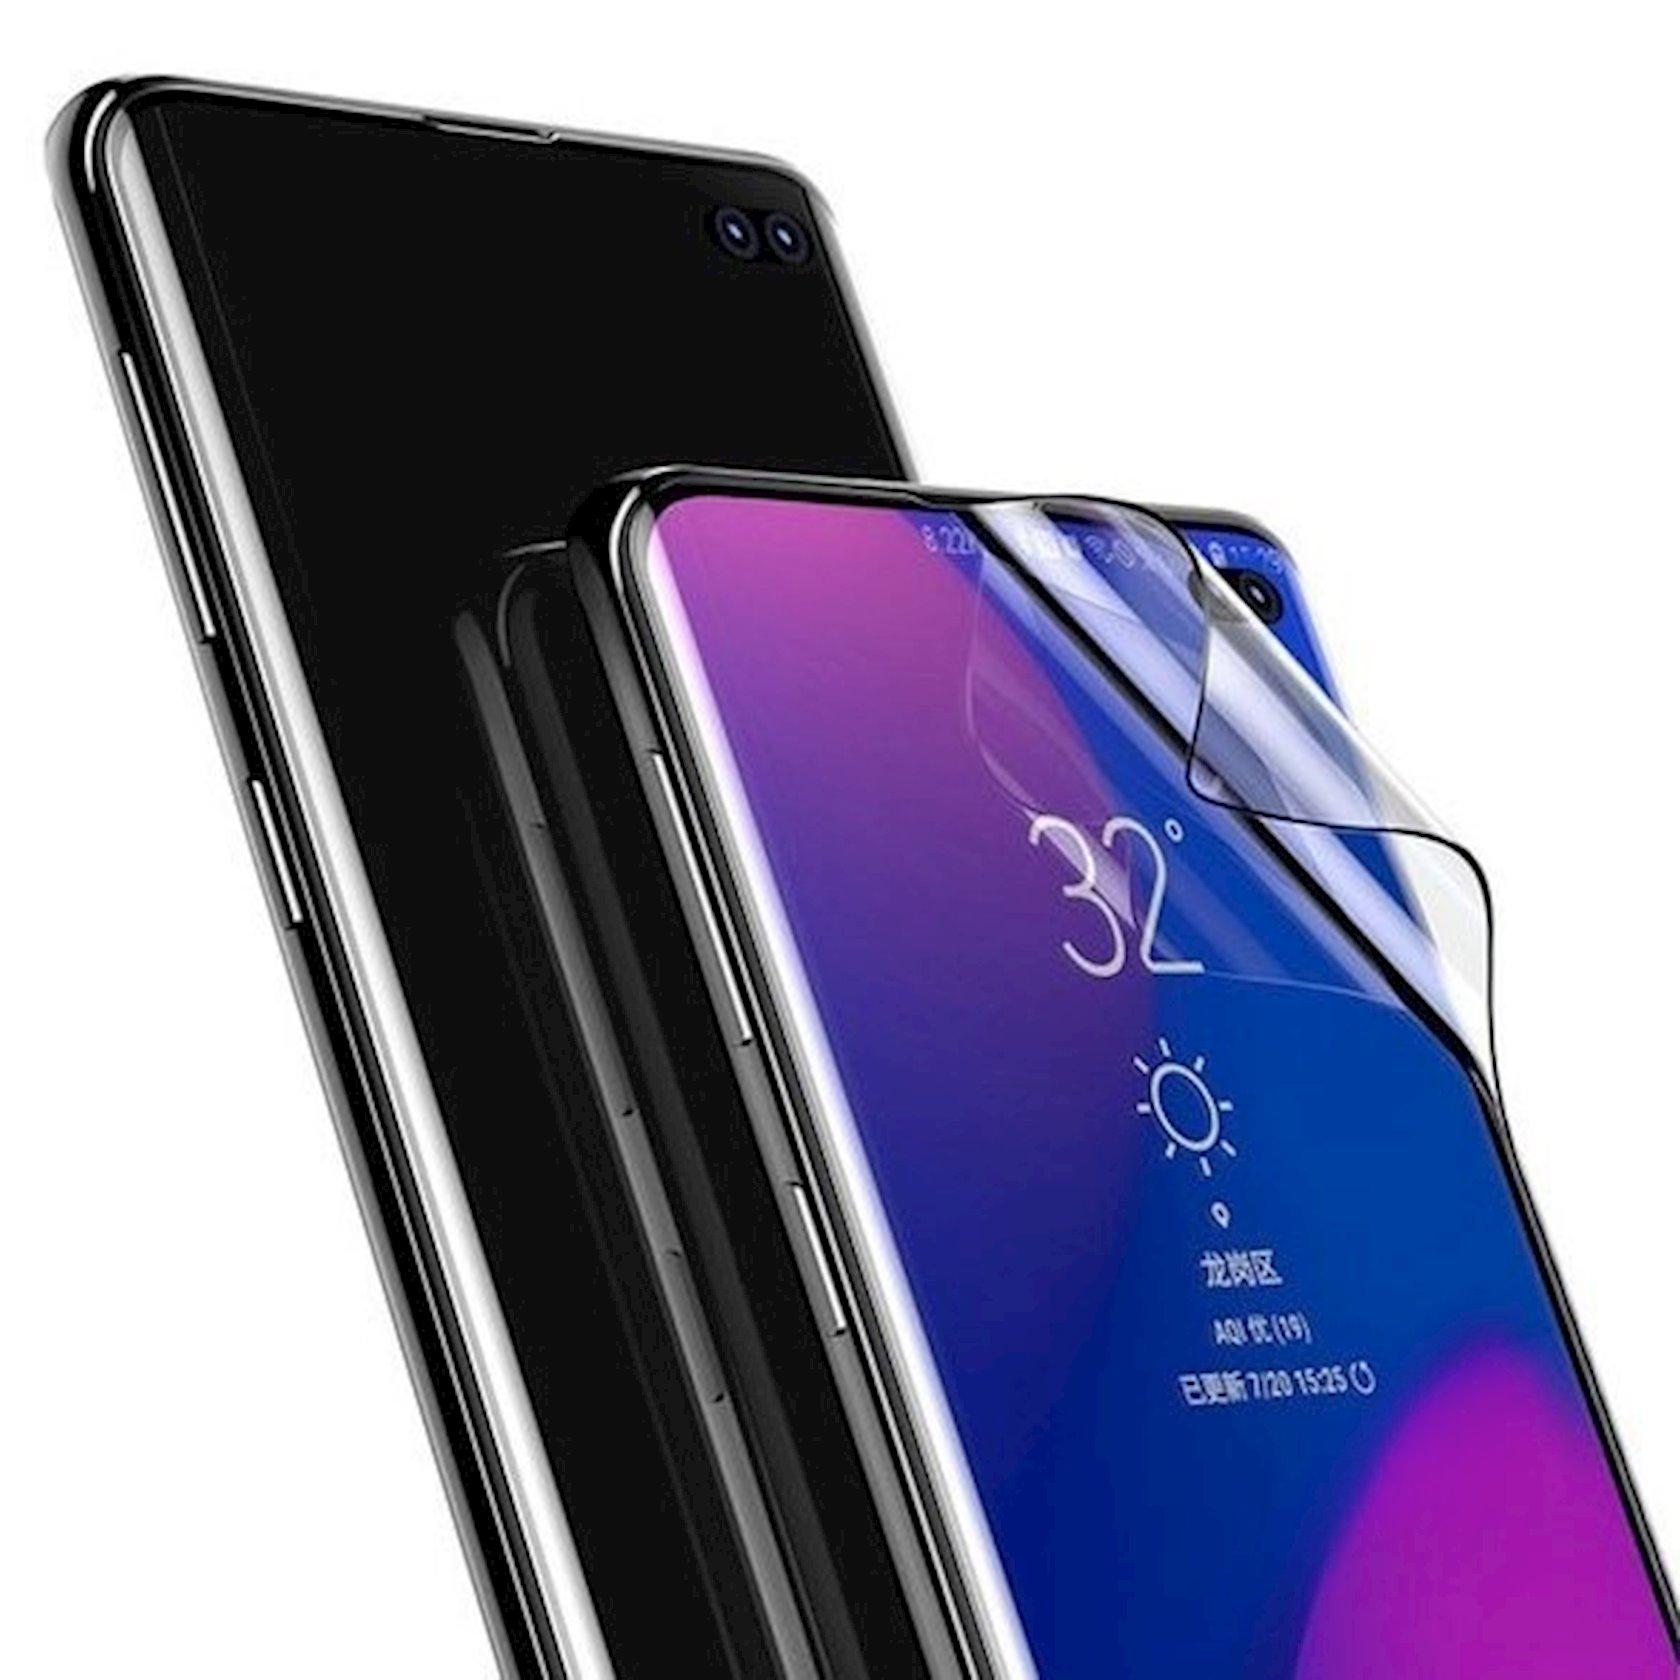 Qoruyucu şüşə Baseus 0.15 mm curved anti-explosion Sgsas10-kr01 Samsung Galaxy S10 üçün